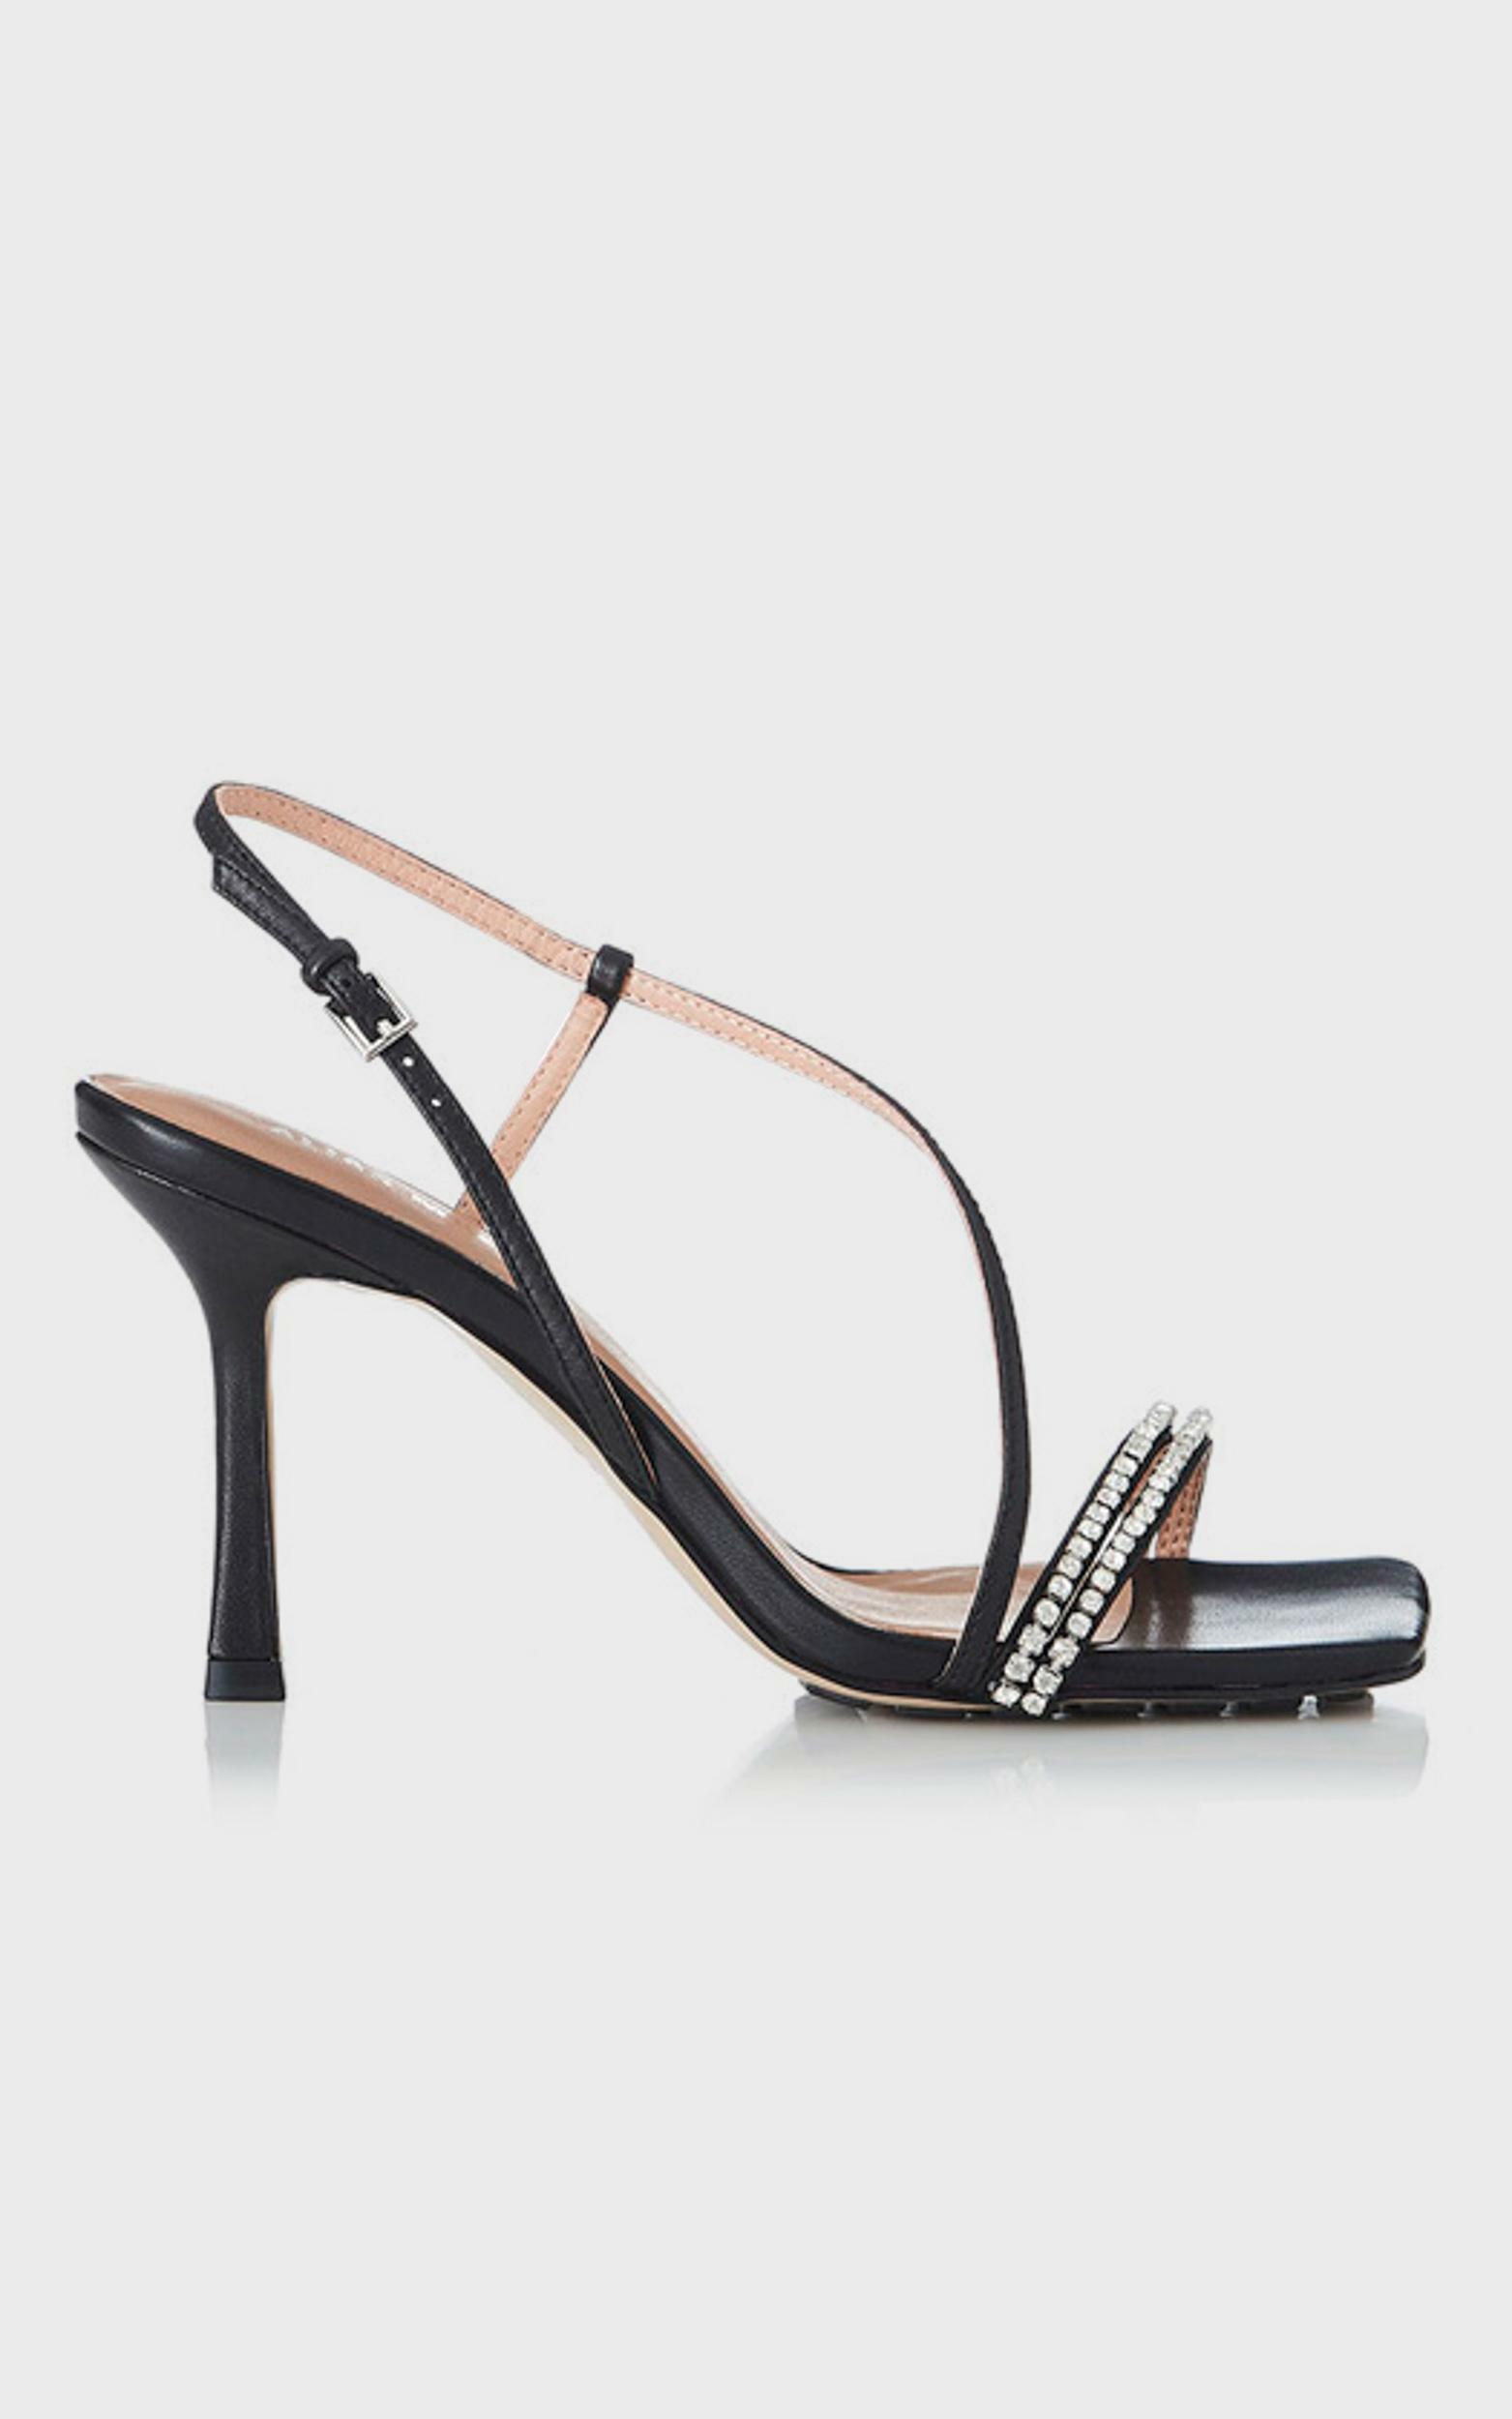 Alias Mae - Lesly Heel in Black Kid Leather  - 5.5, Black, hi-res image number null